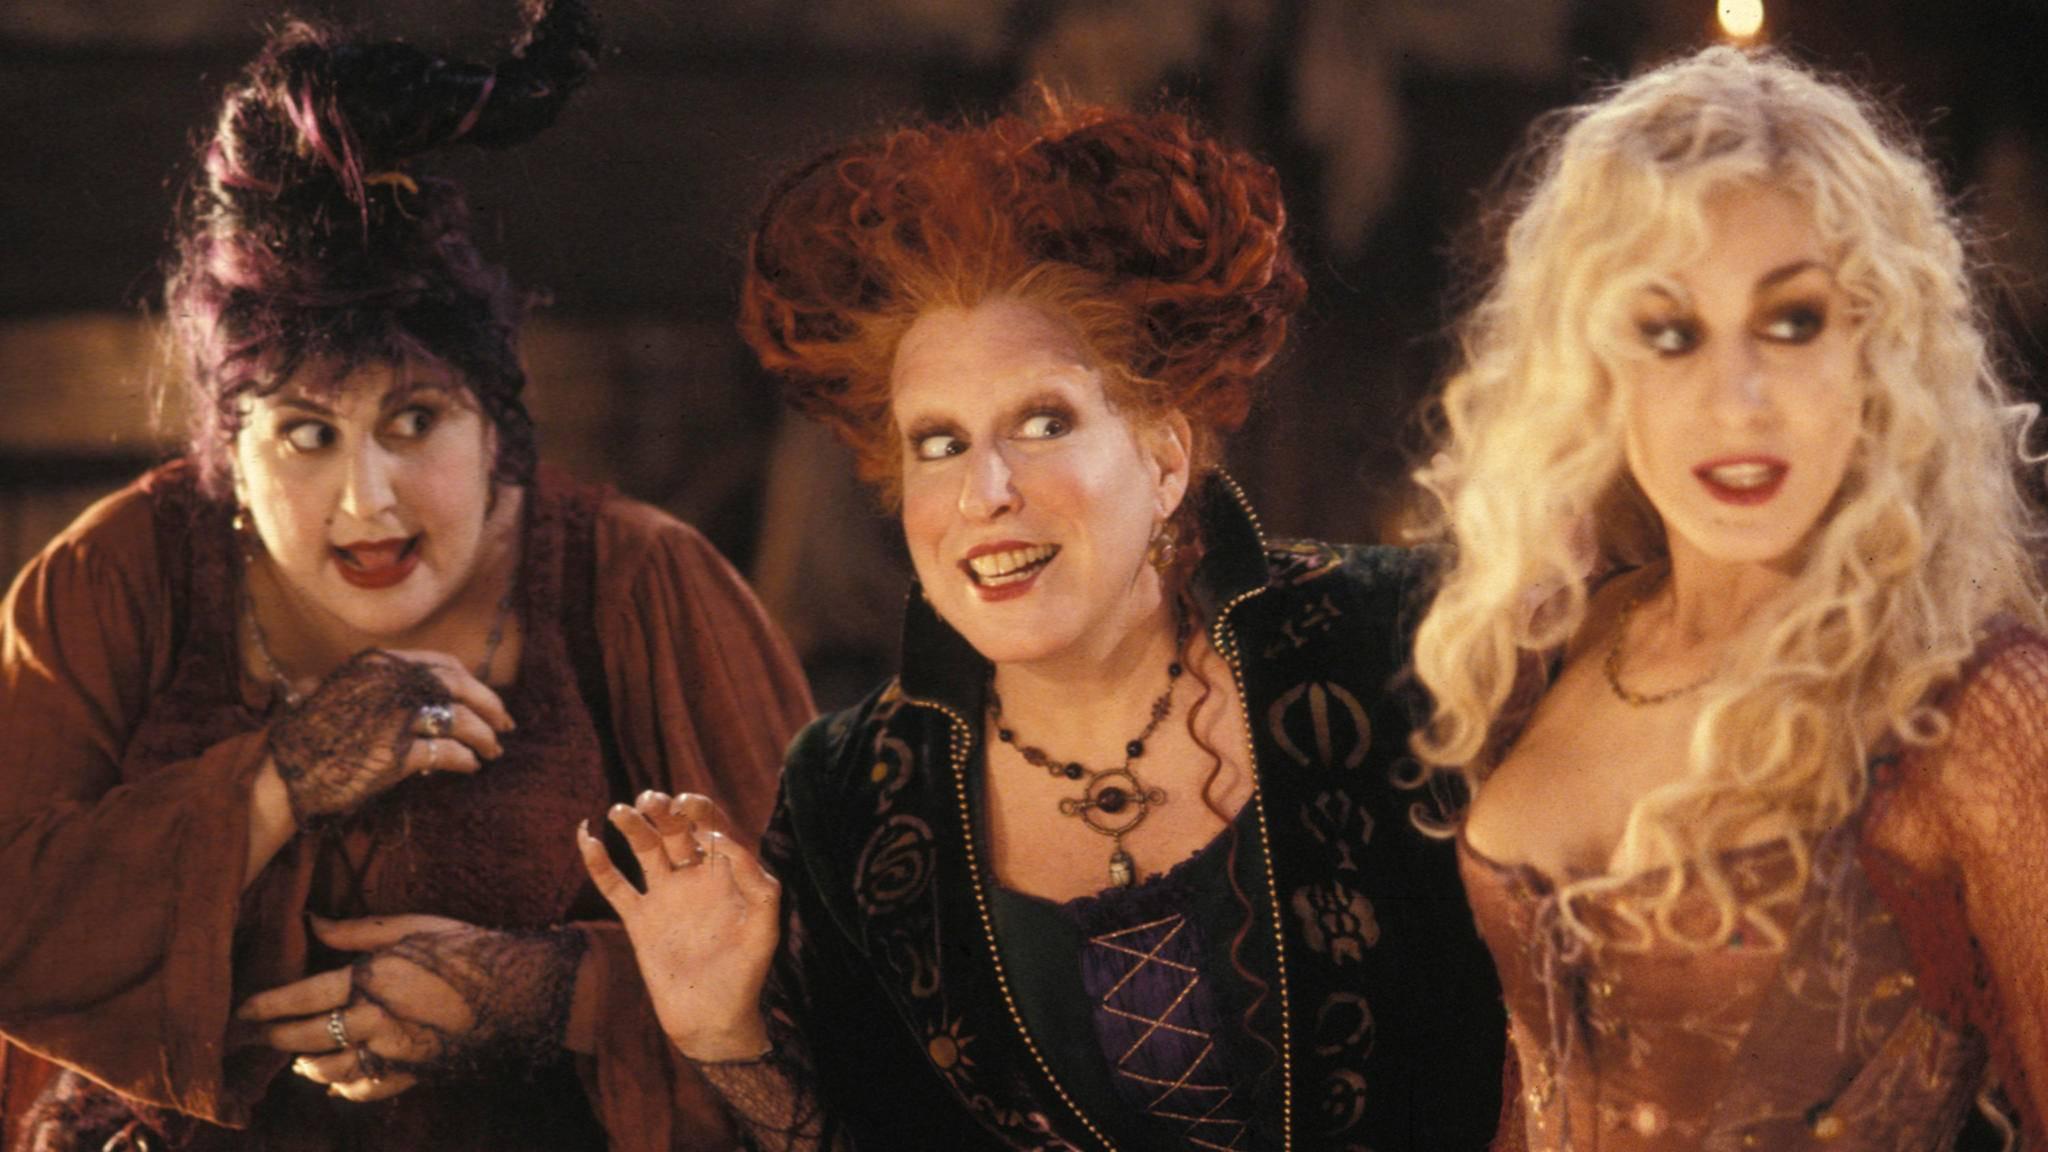 Hexen, Monster und andere übersinnliche Wesen bevölkern Halloween-Filme für Groß und Klein.